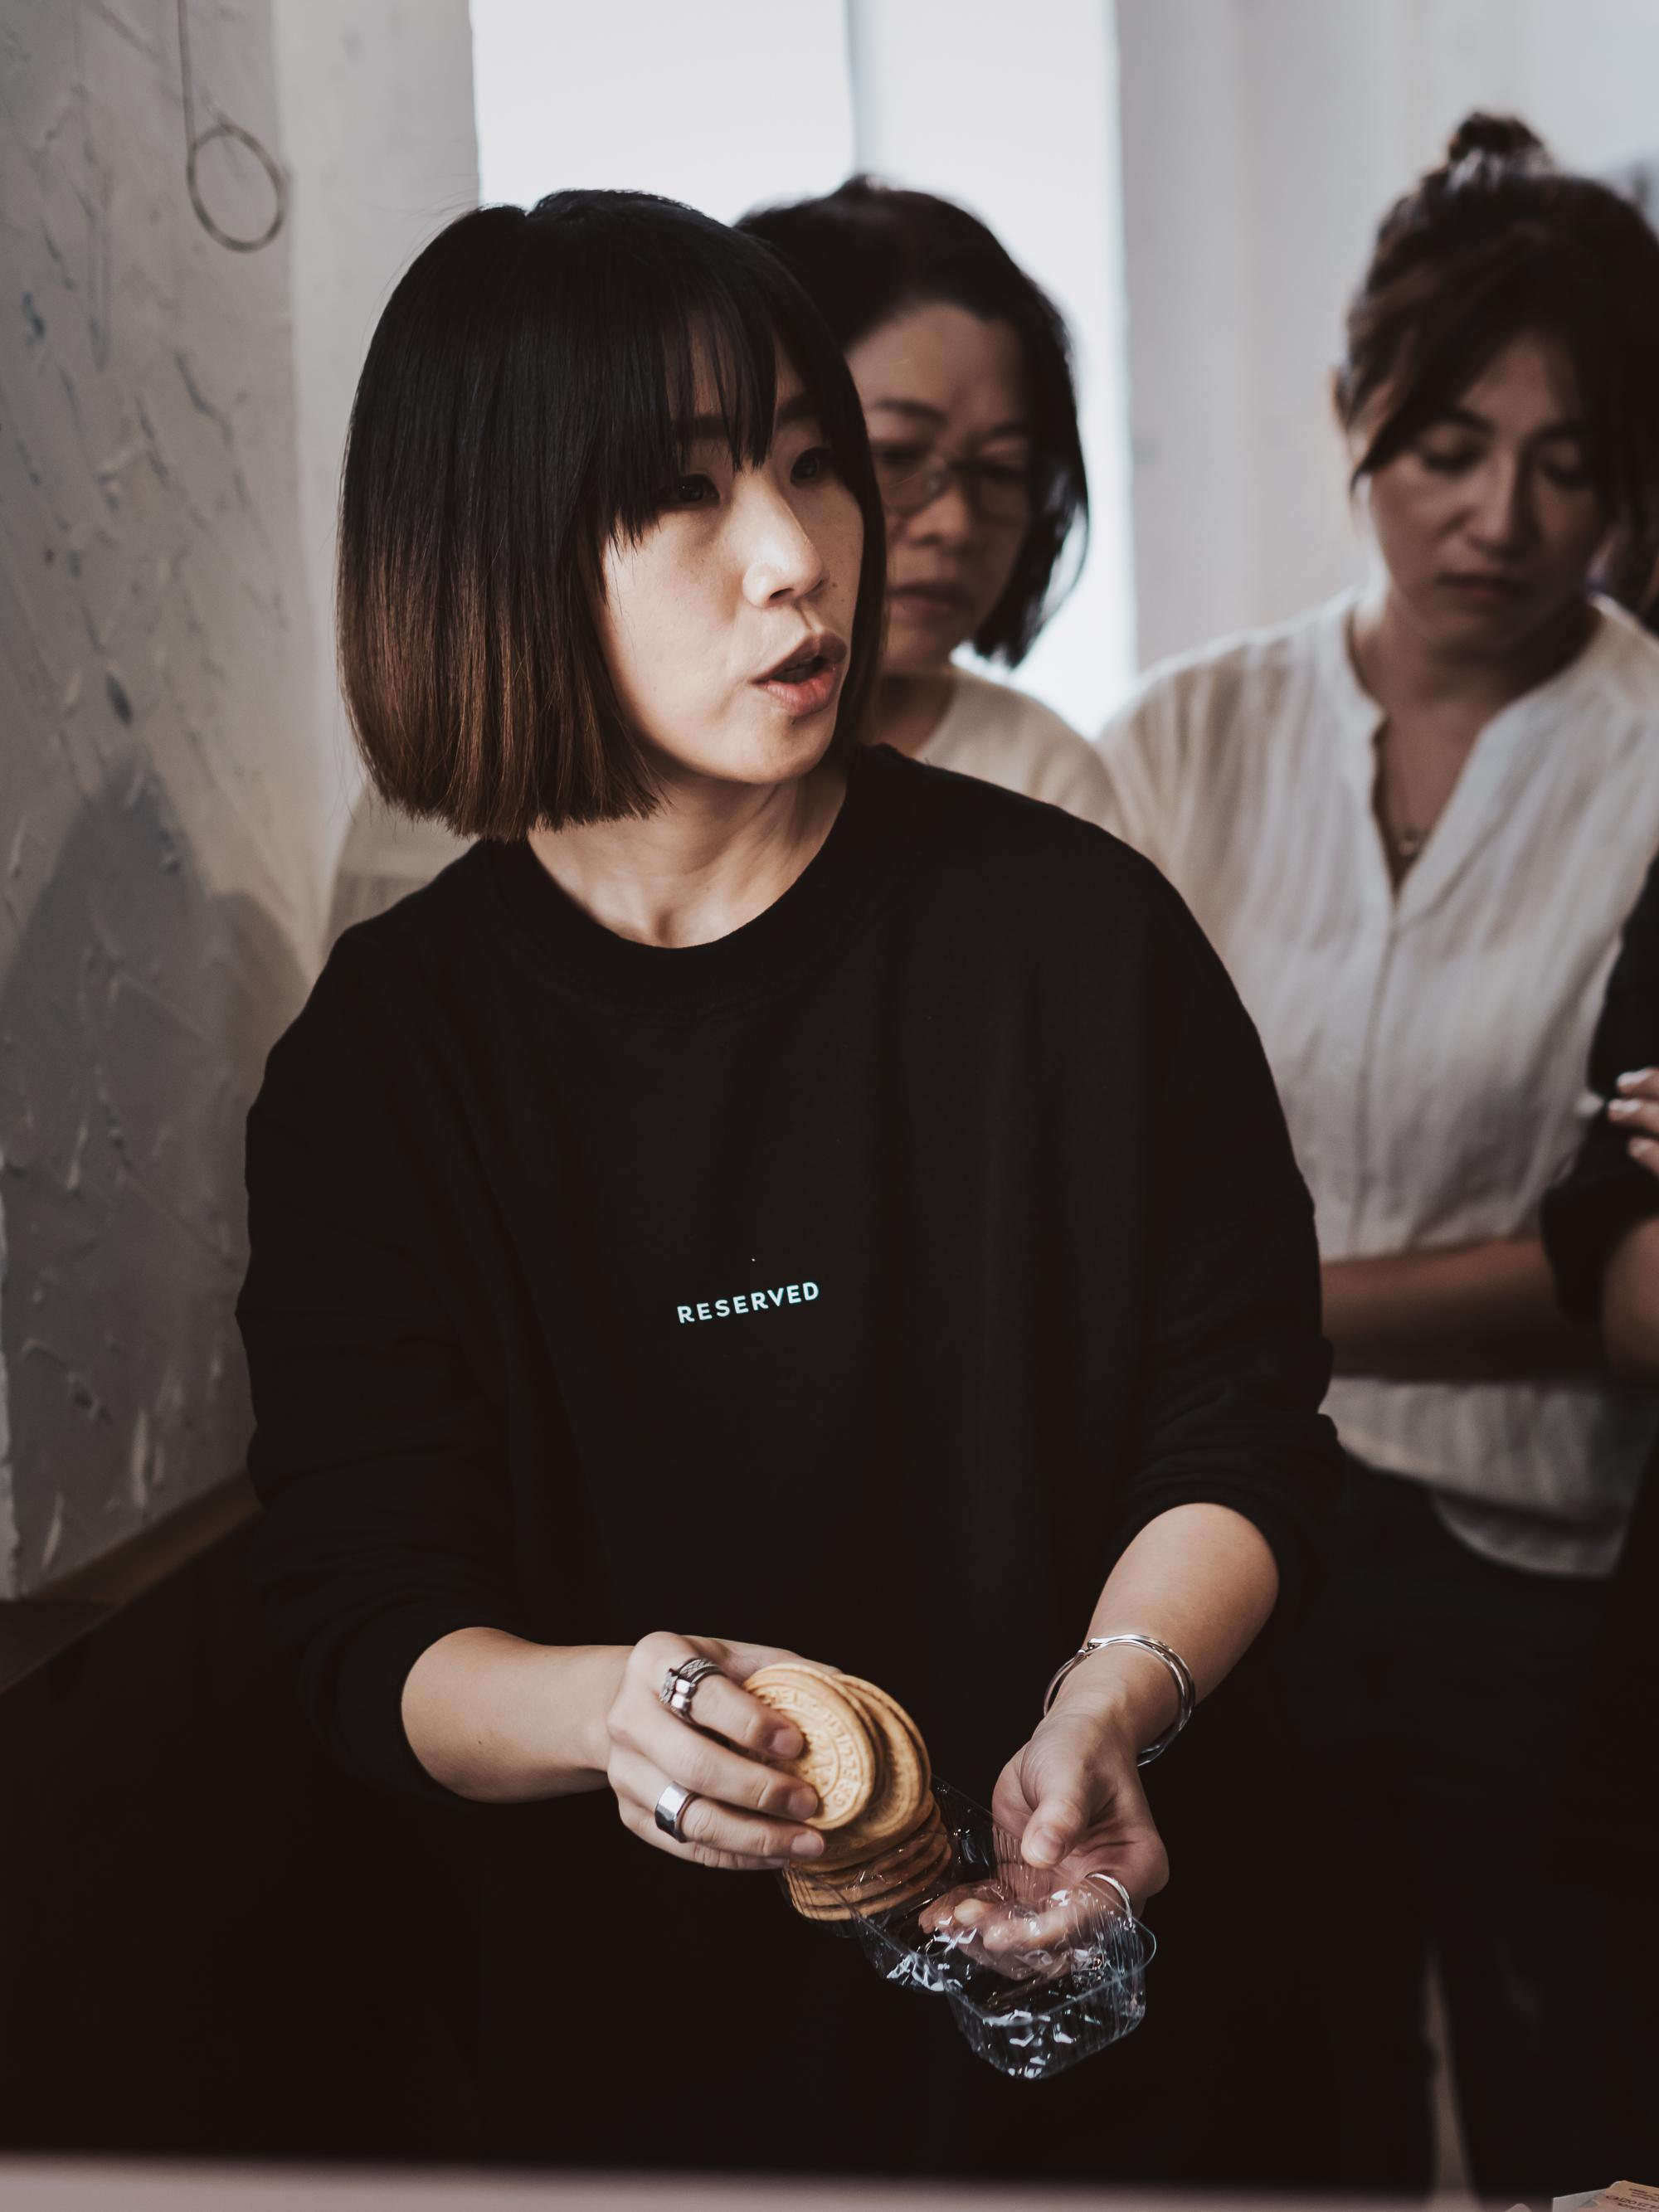 2018 bitplay Food Marco Photography - FuJi XT3 - 5014-16.jpg